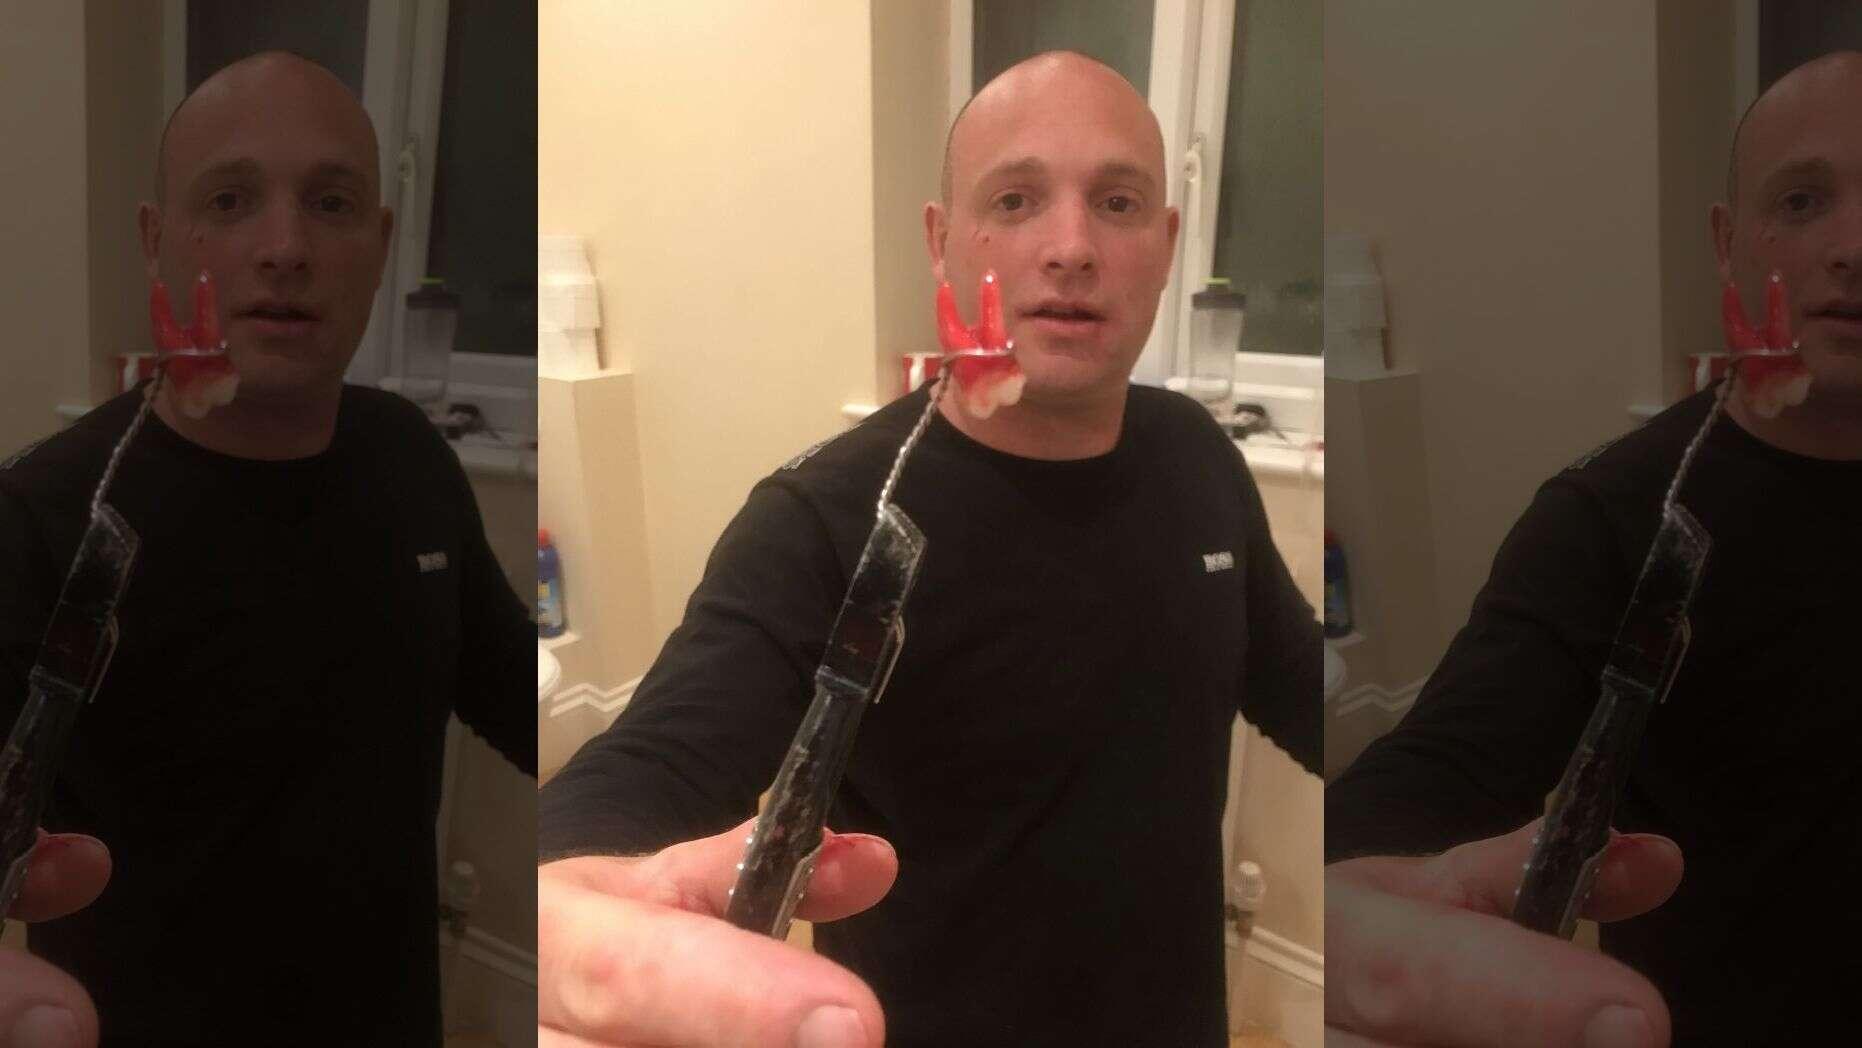 FoxNews:牙科急诊关闭!一名英国人花了一个小时给自己拔牙